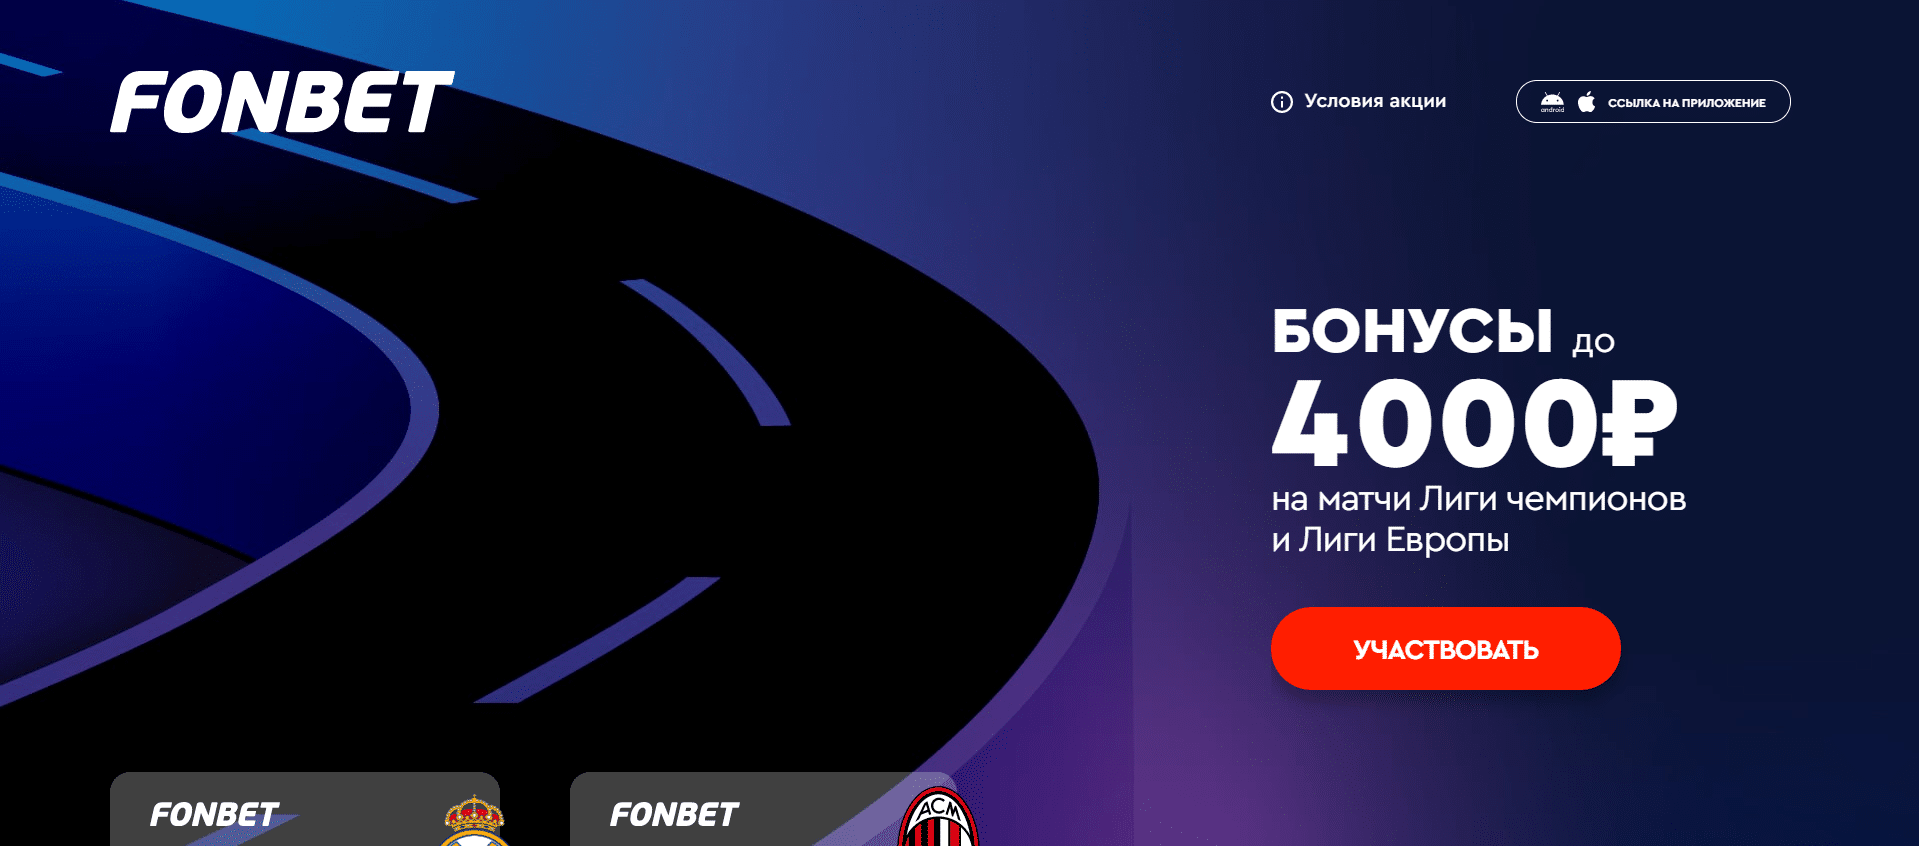 Гонка чемпионов Фонбет